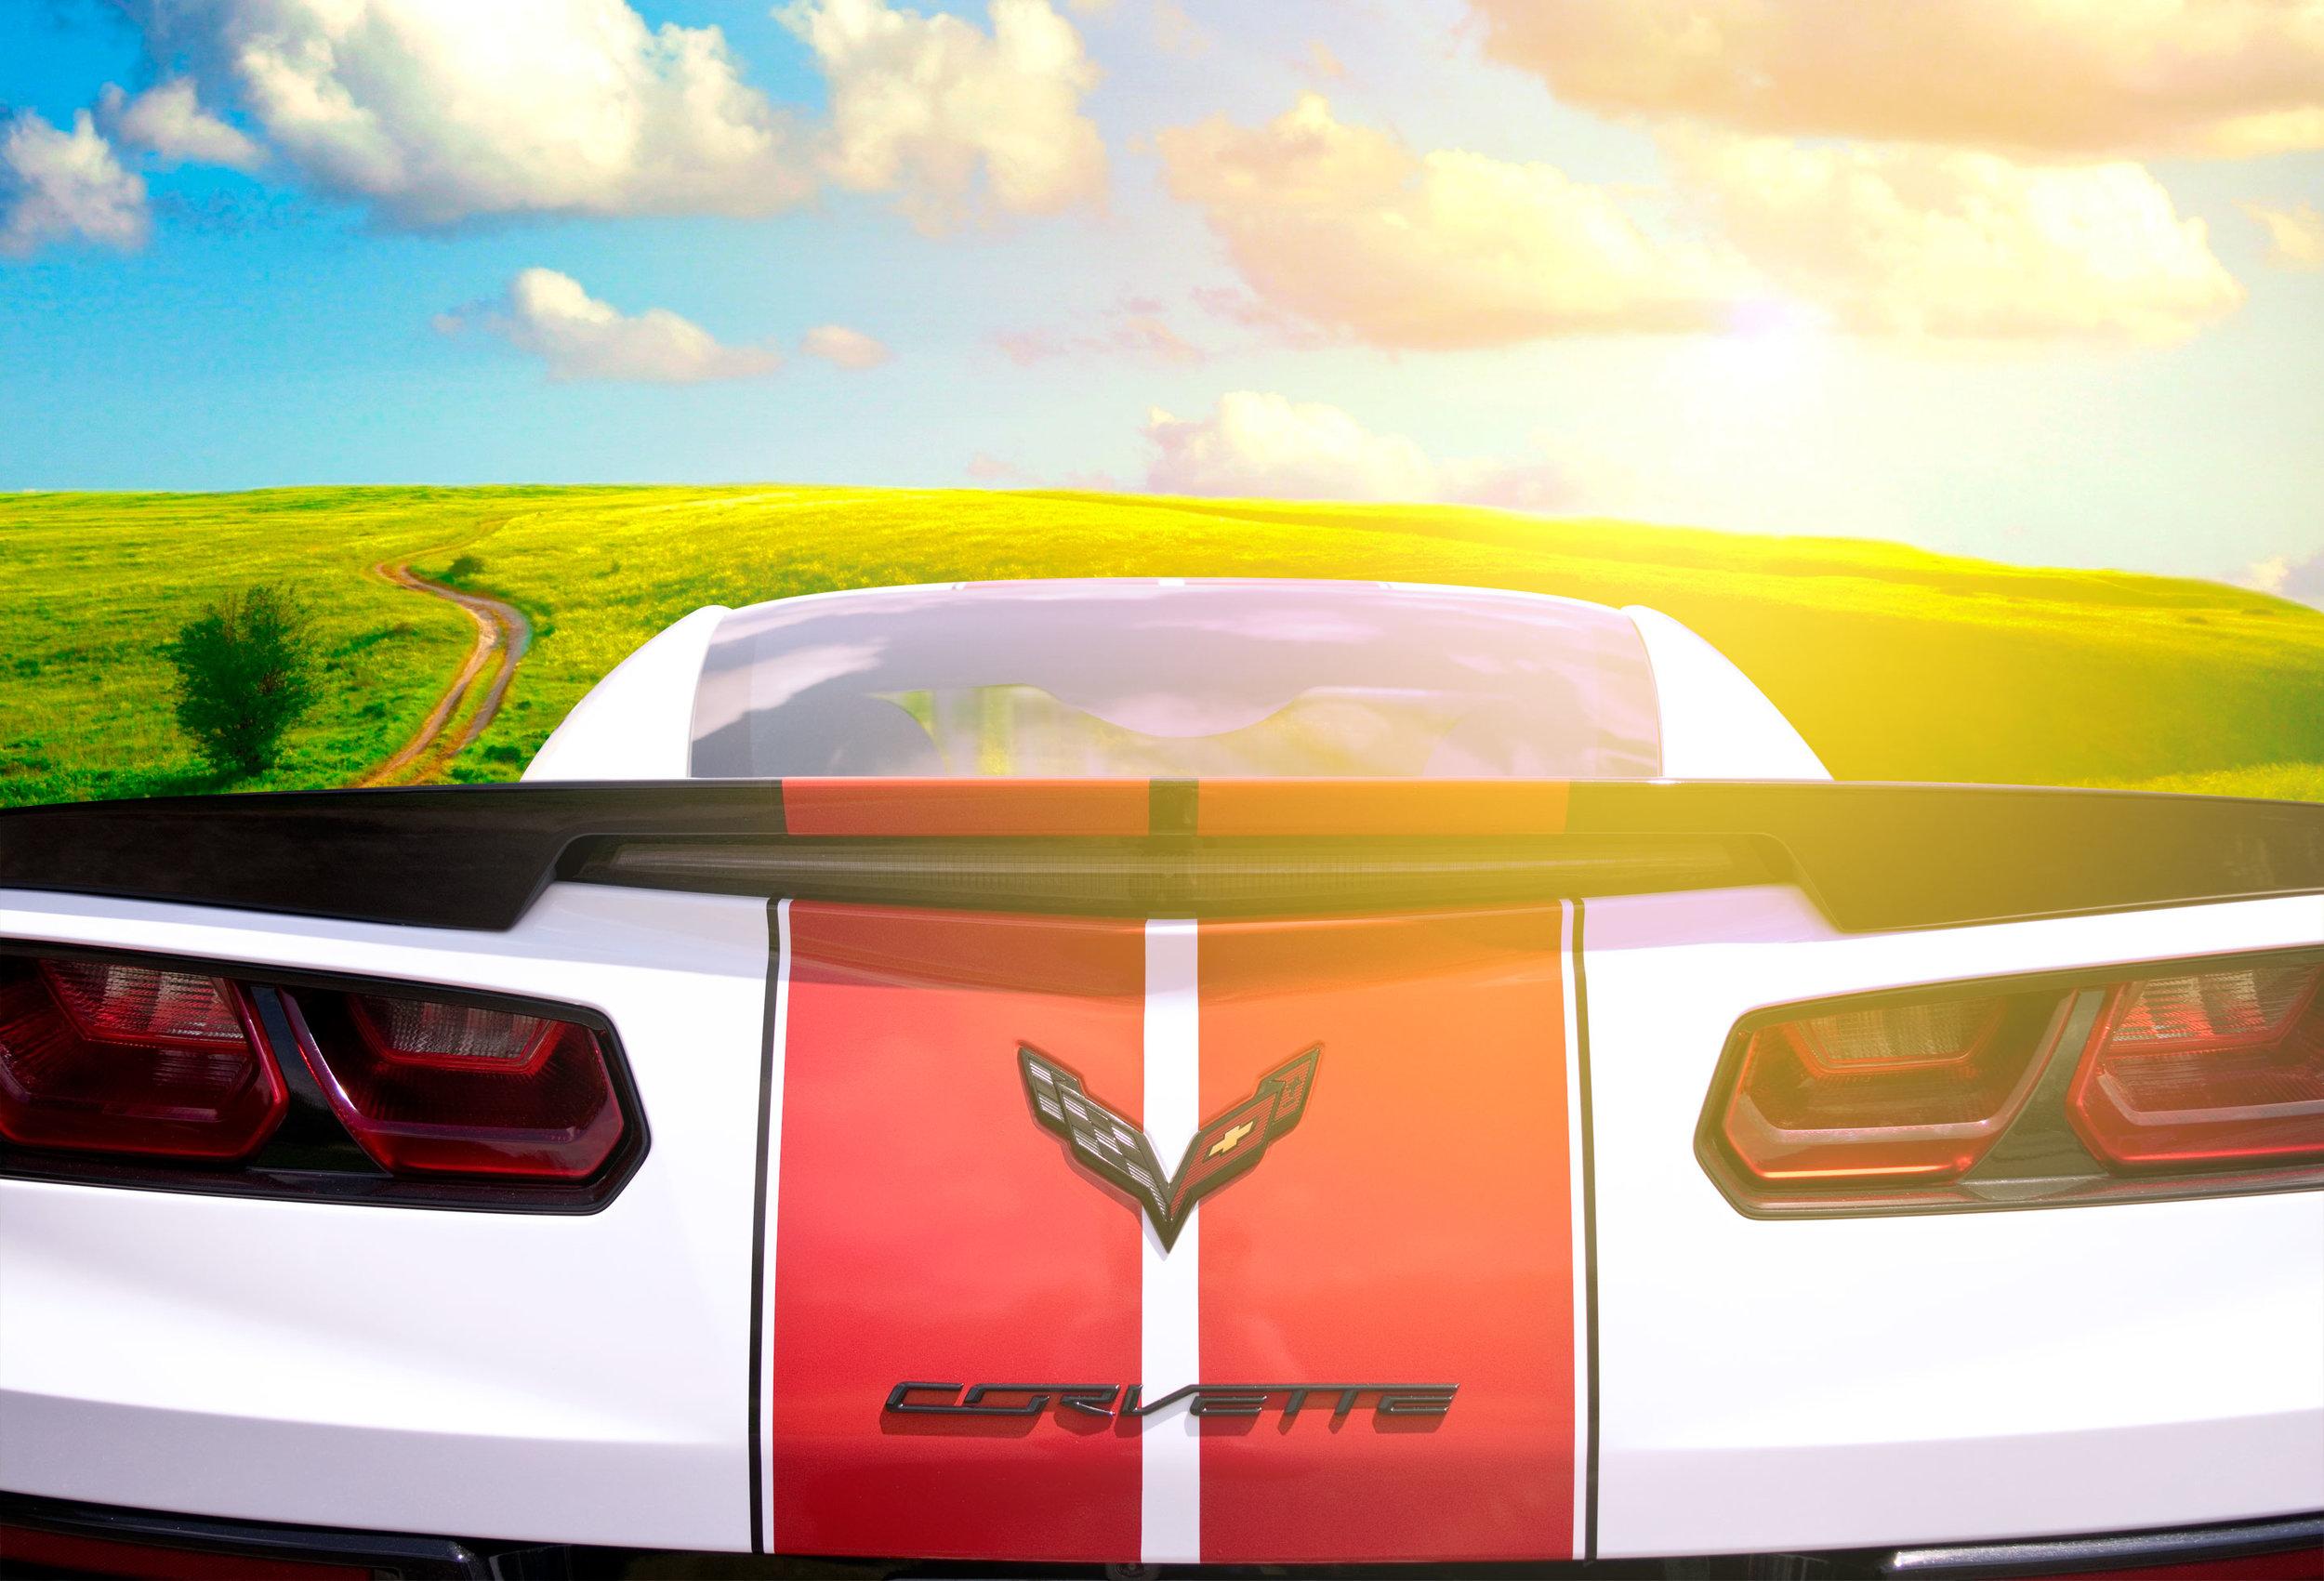 Corvette-Sunset.jpg